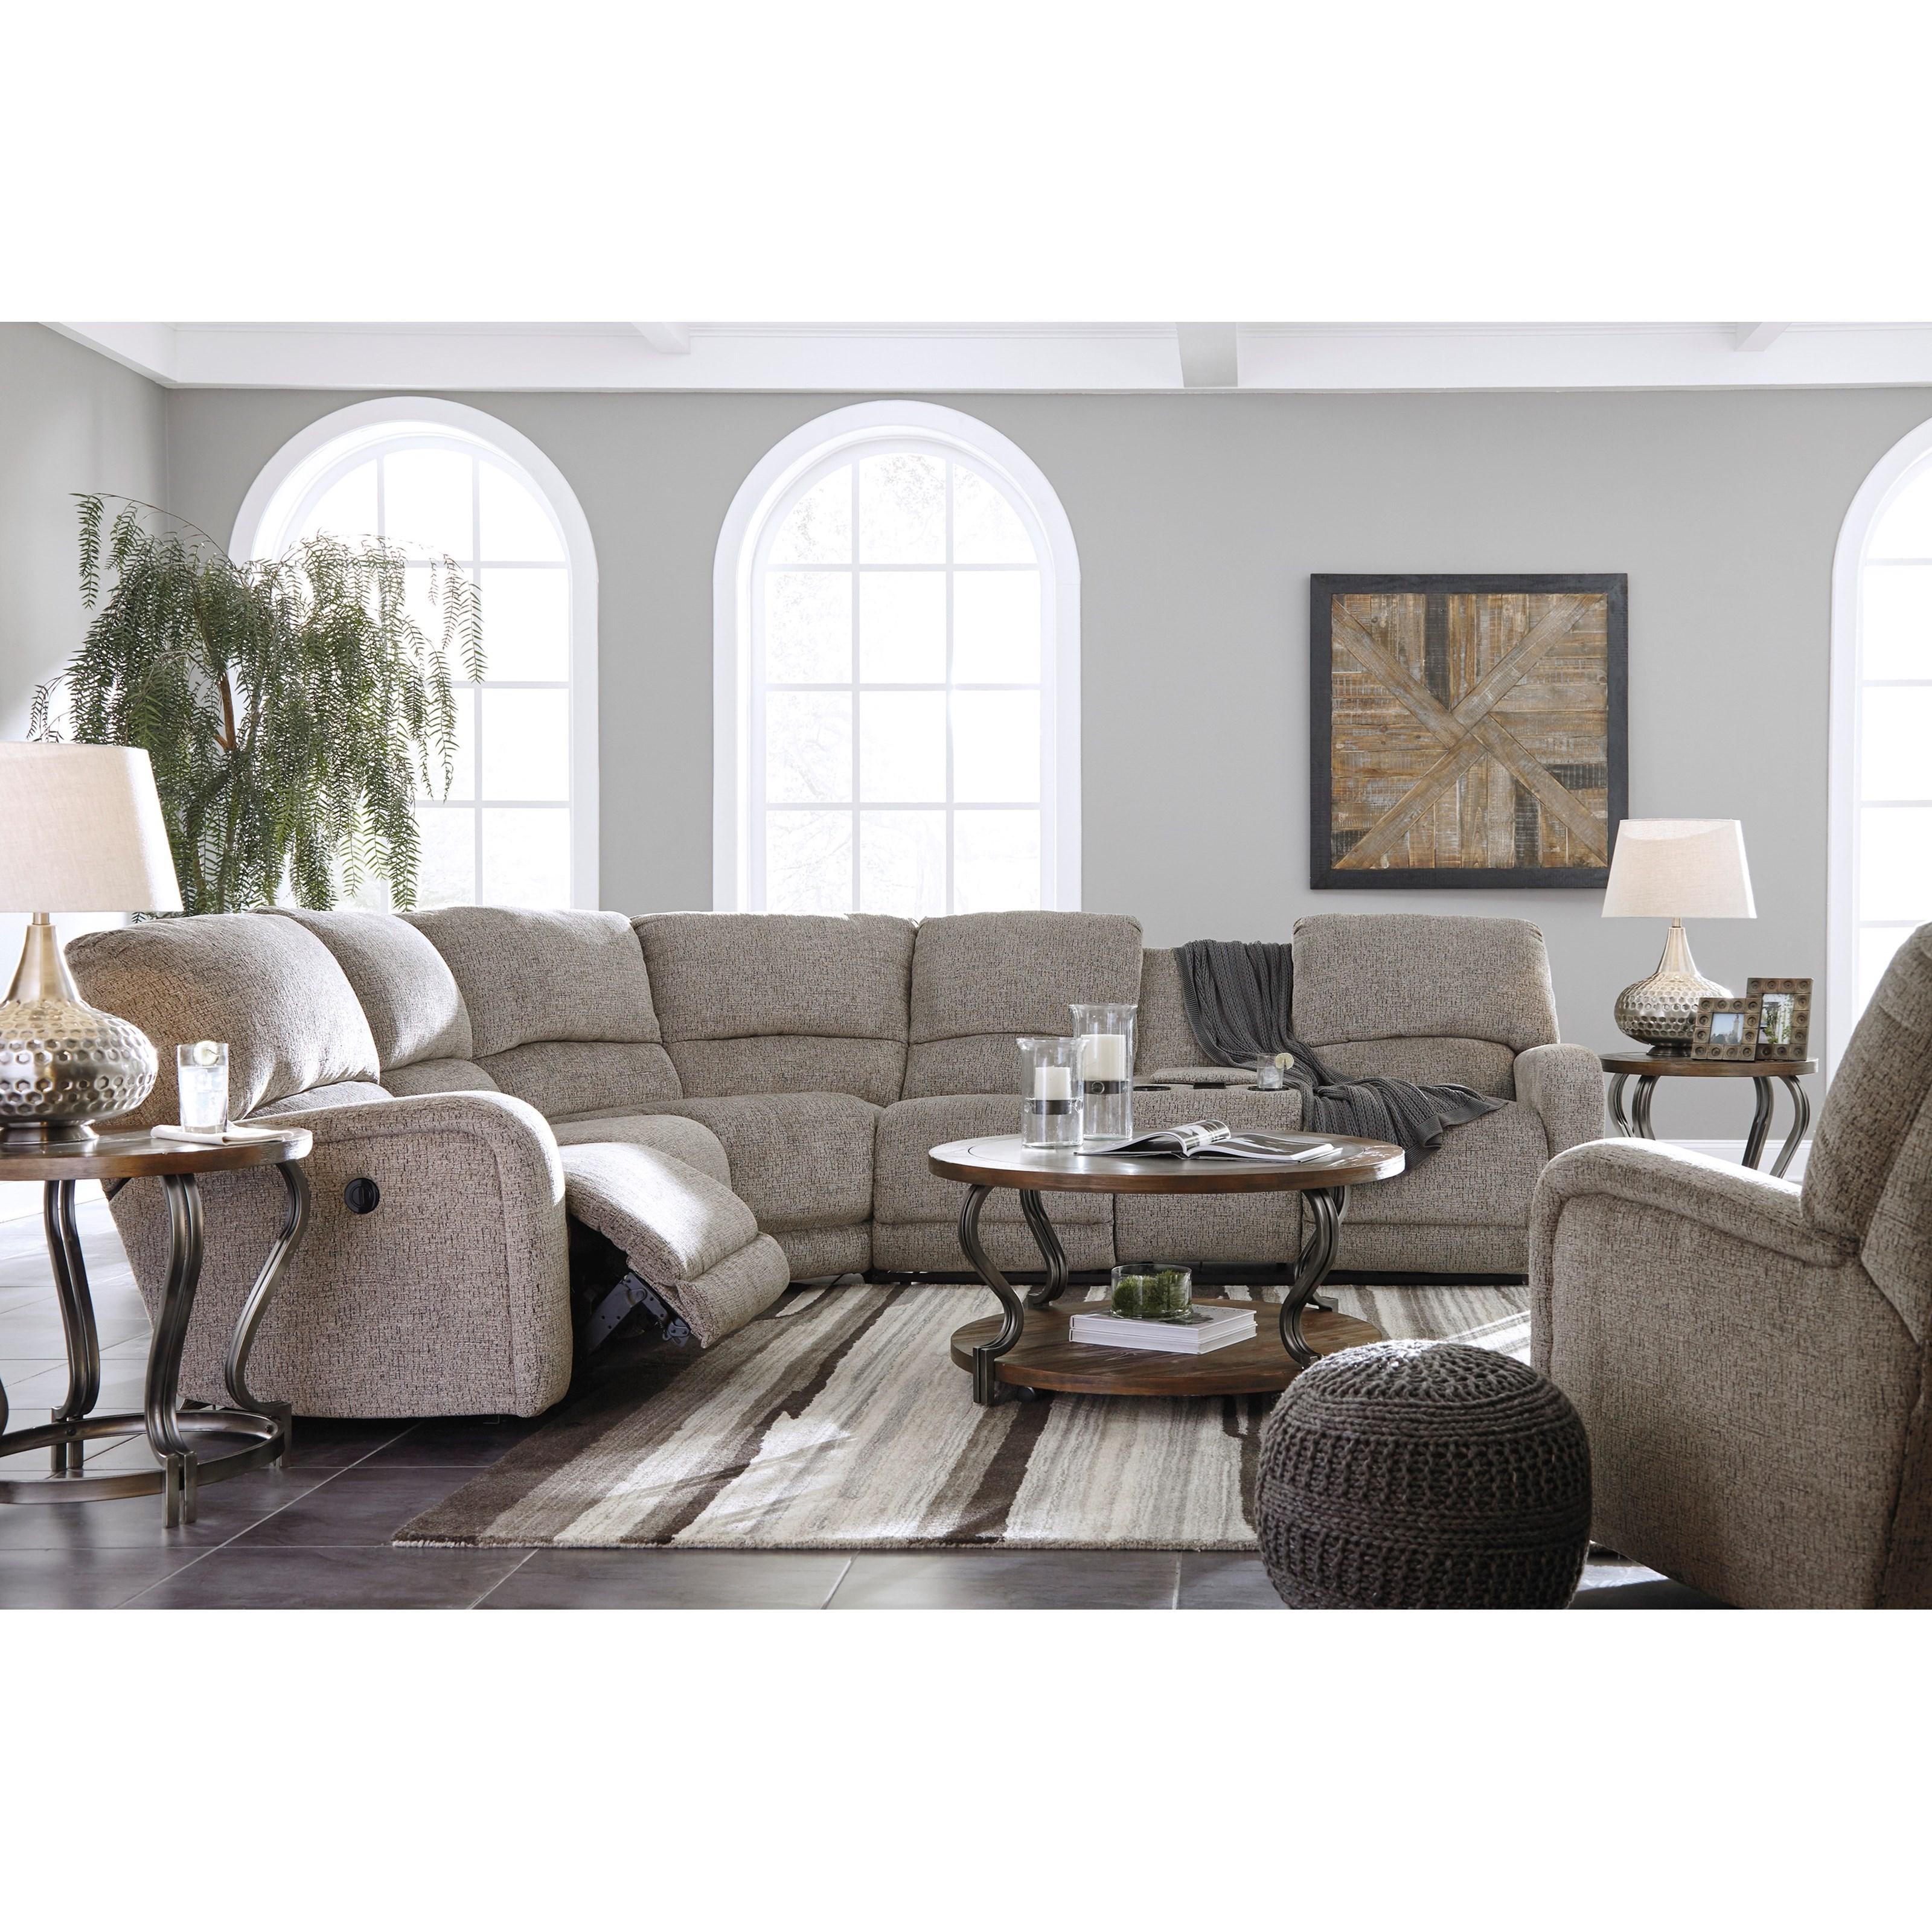 Ashley signature design pittsfield 1790161 swivel glider for Furniture 360